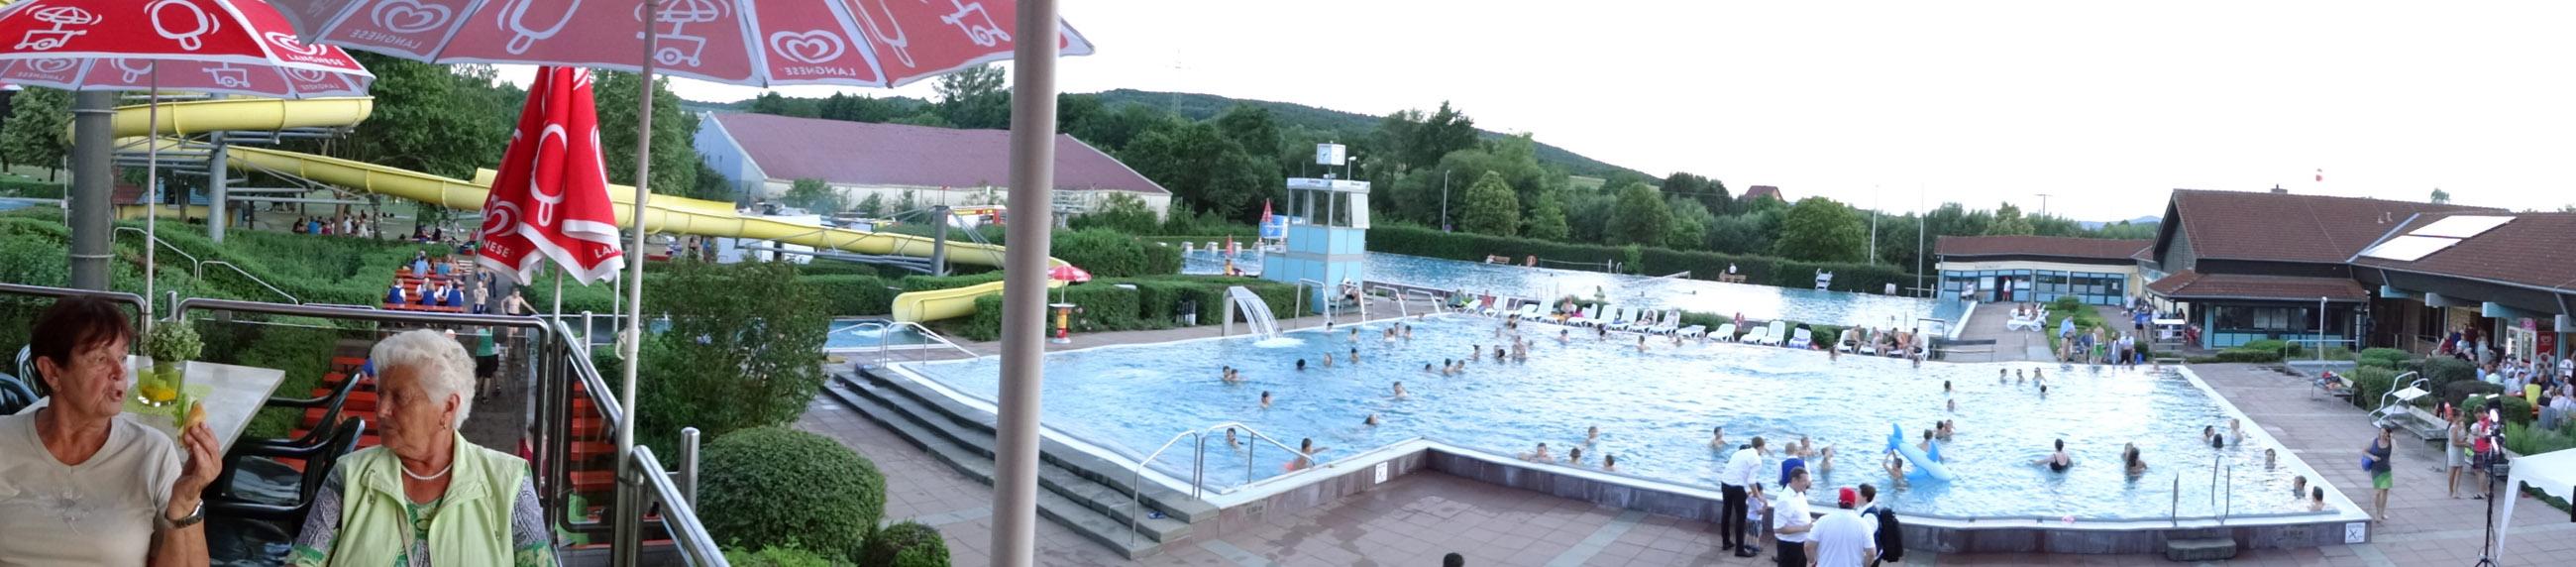 Sommernachtsfest Aquarena 2015 1